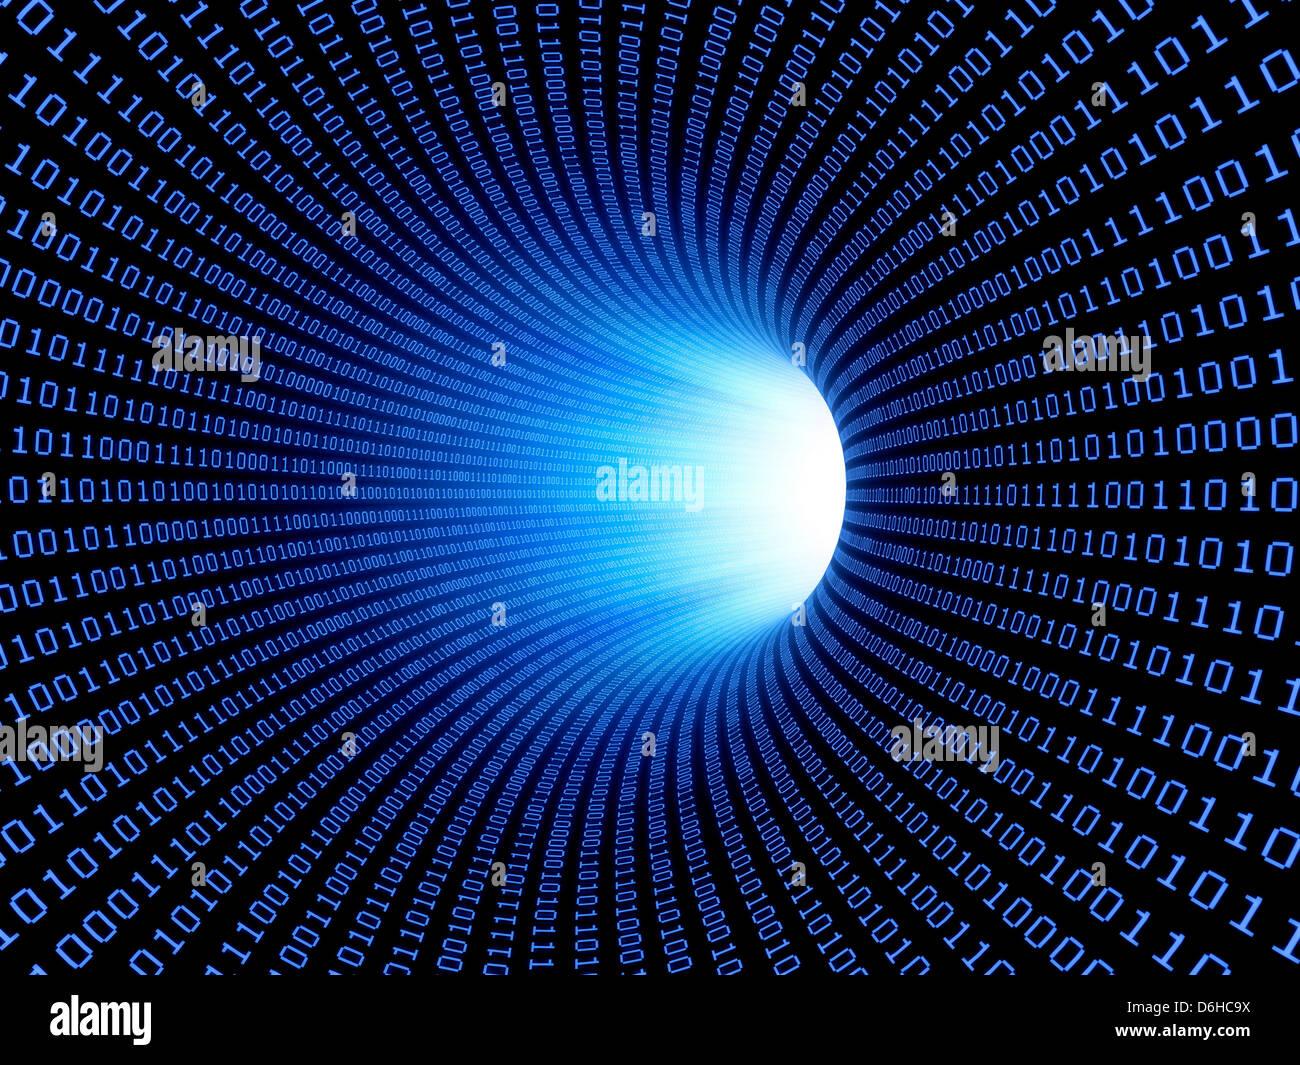 Flux de données, conceptual artwork Banque D'Images